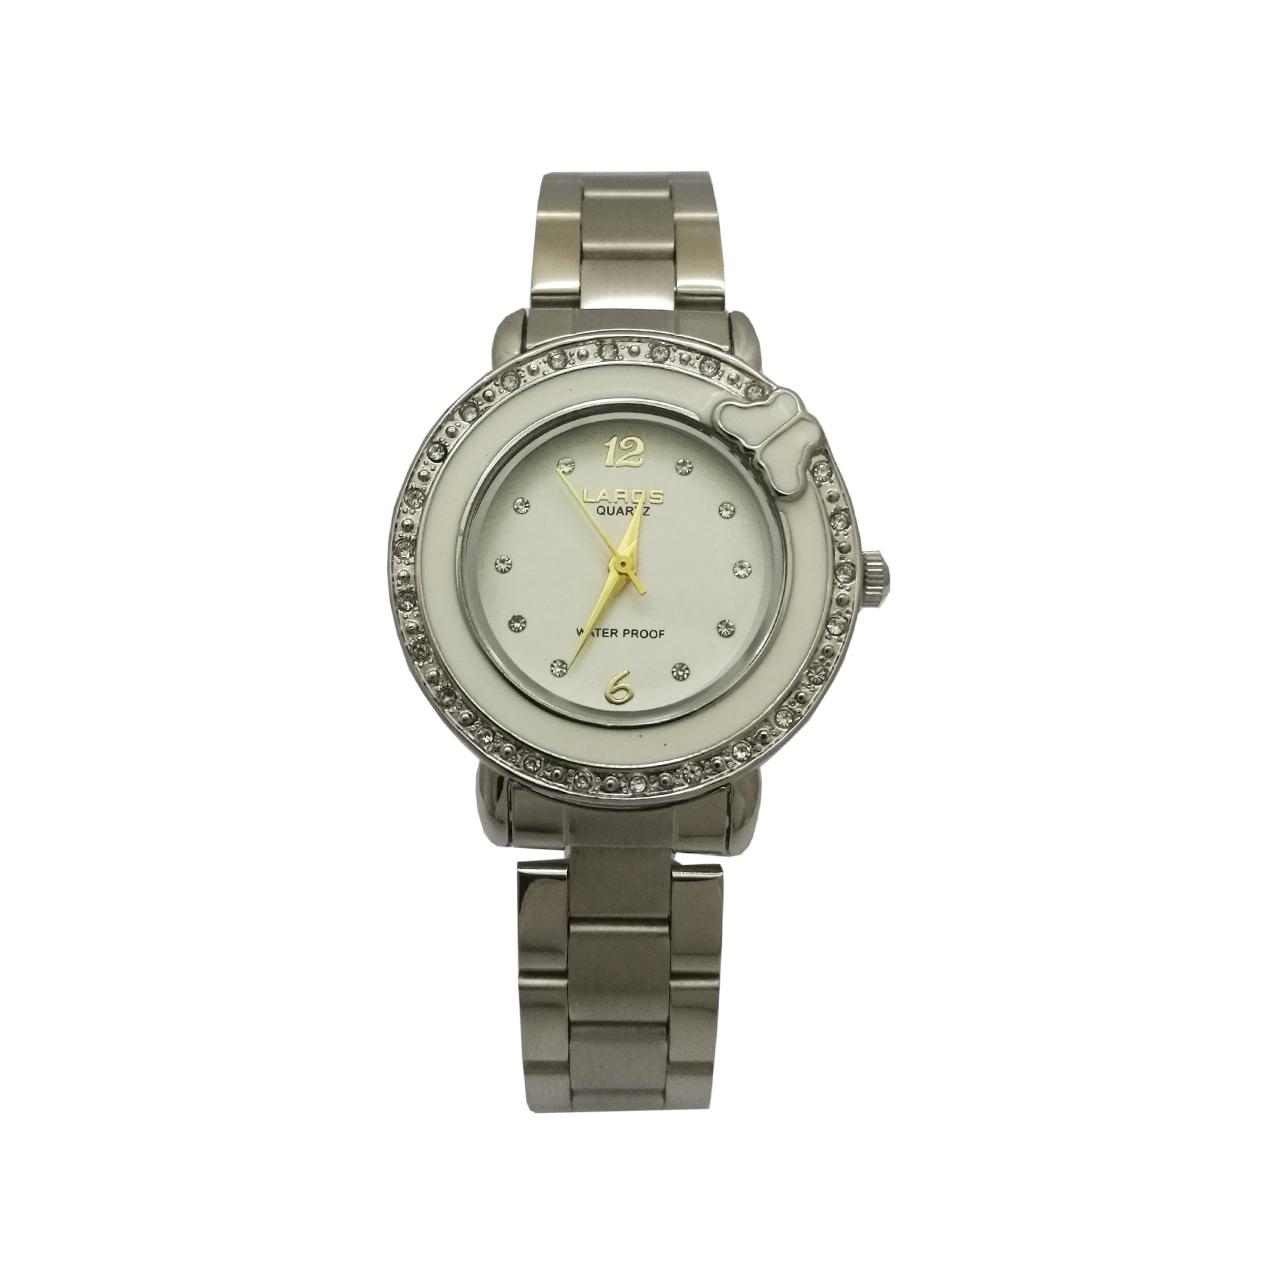 خرید ساعت مچی عقربه ای زنانه لاروس مدل 0816-79896